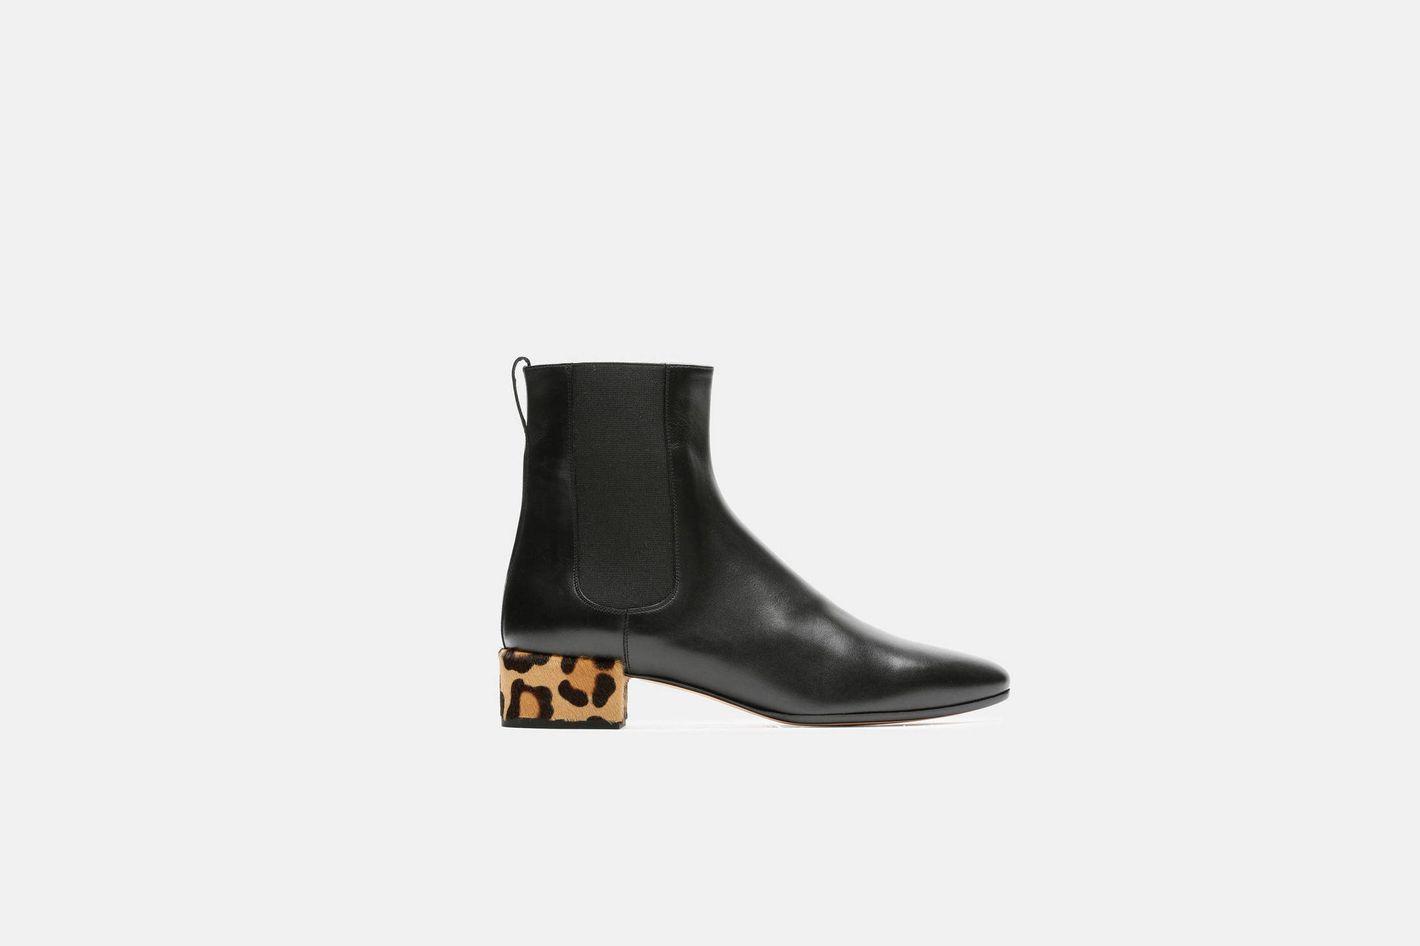 Francesco Russo Leopard Heel Low Boot